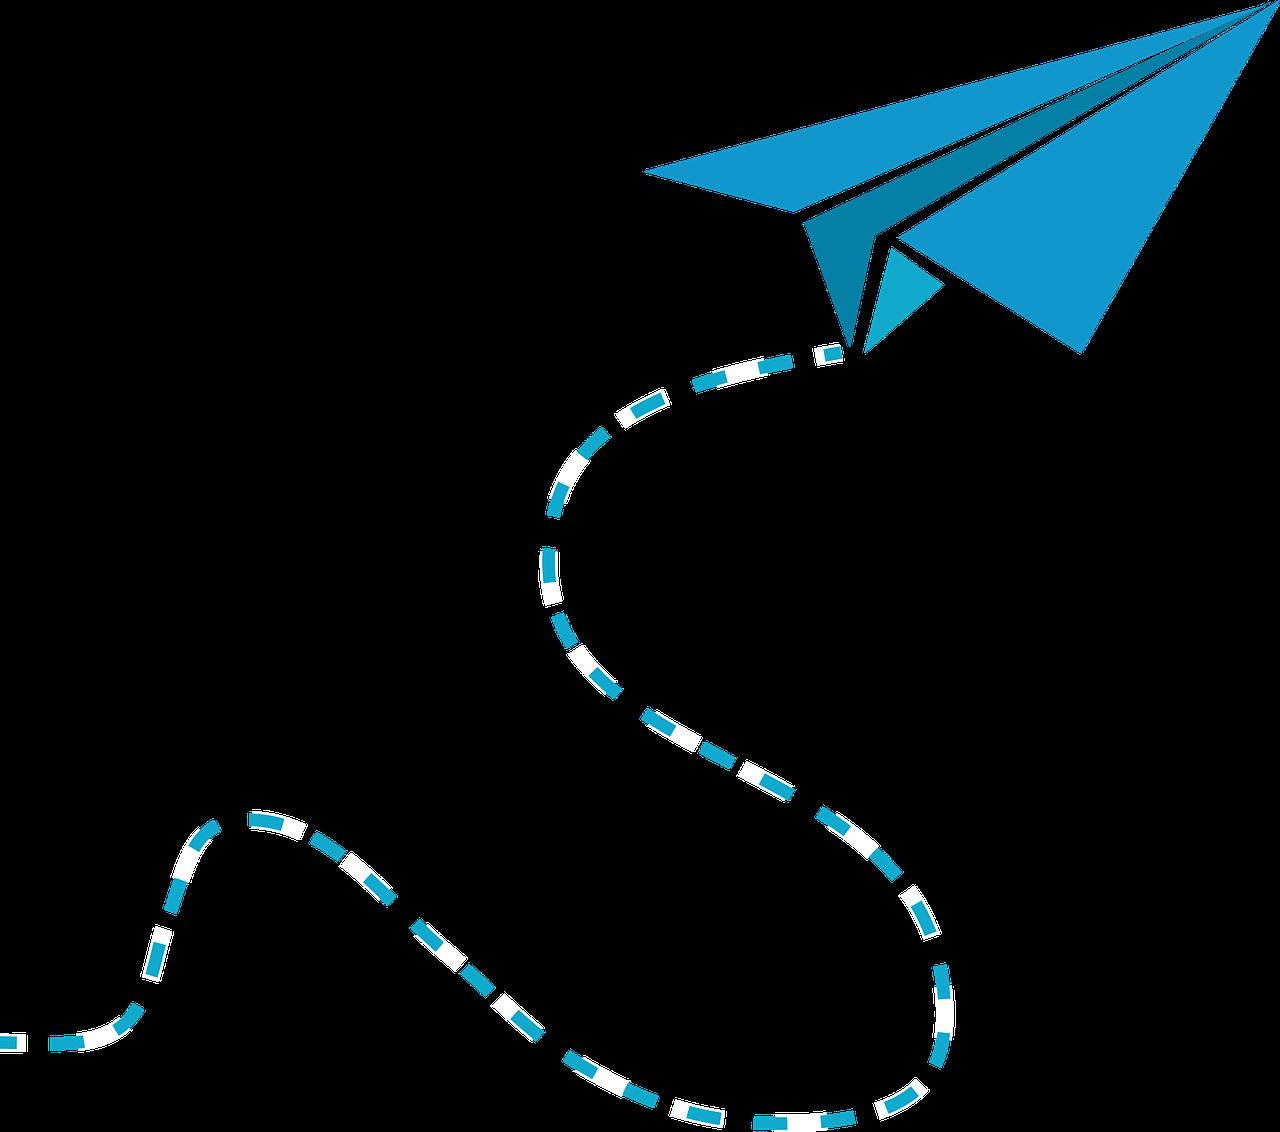 самолет стрелка картинка для камчатки вносят